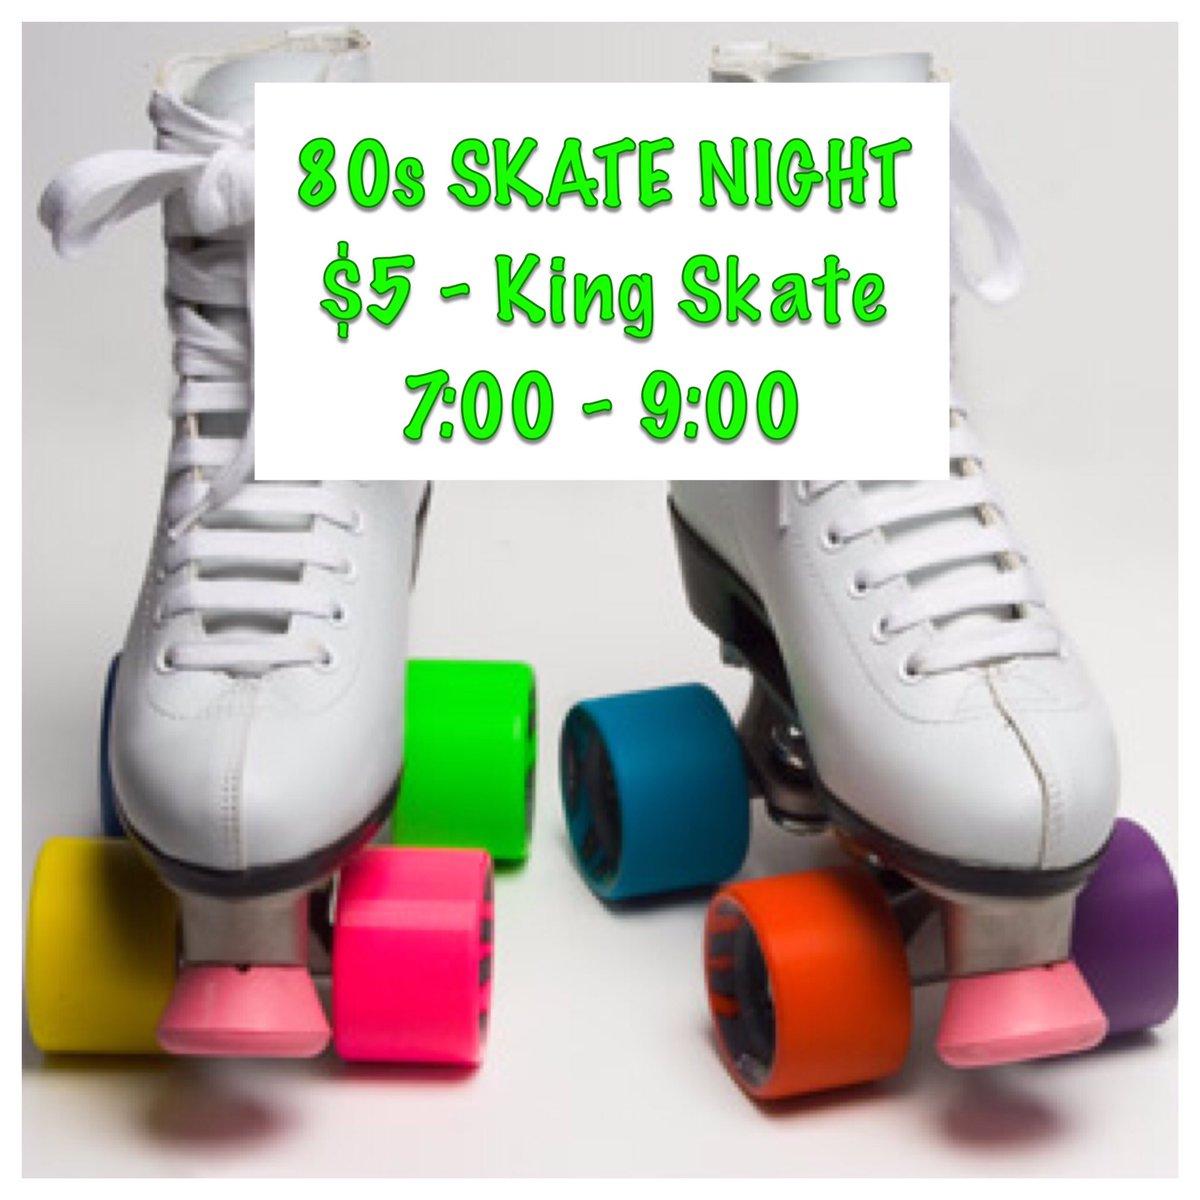 Roller skating elk grove - 0 Replies 9 Retweets 9 Likes